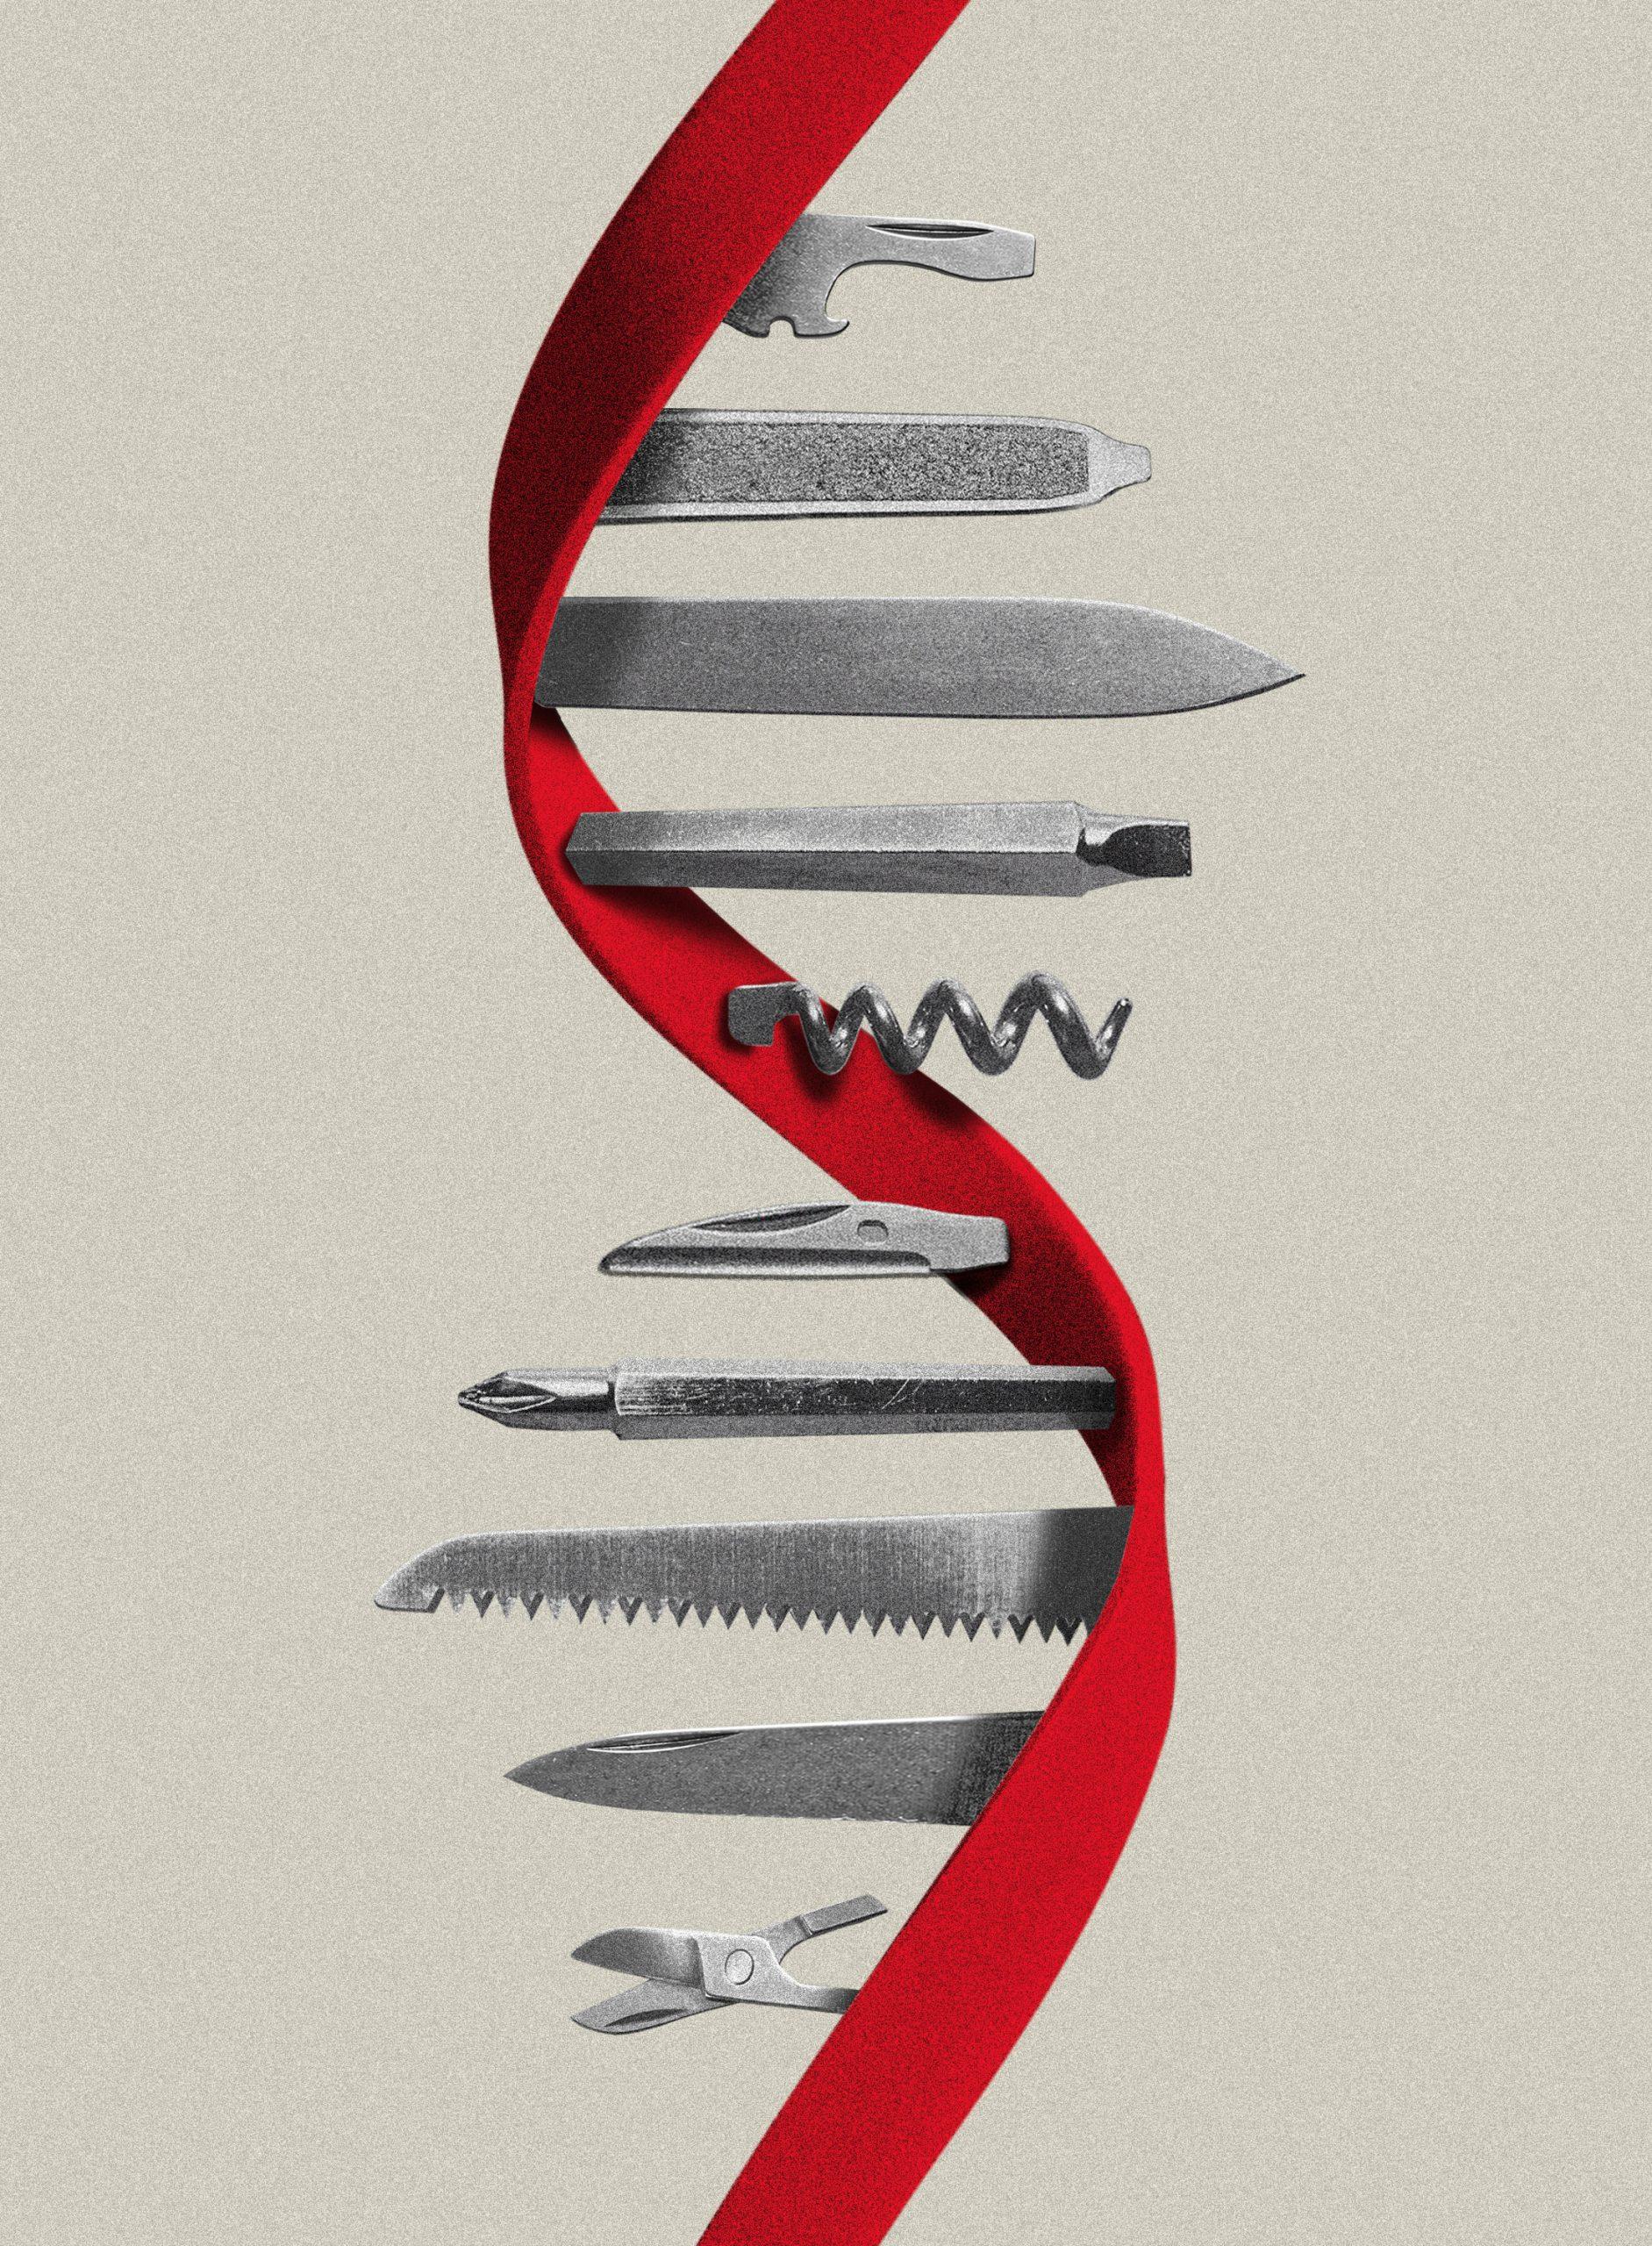 史上最速のワクチン実用化、 生みの親が語る mRNA技術の未来